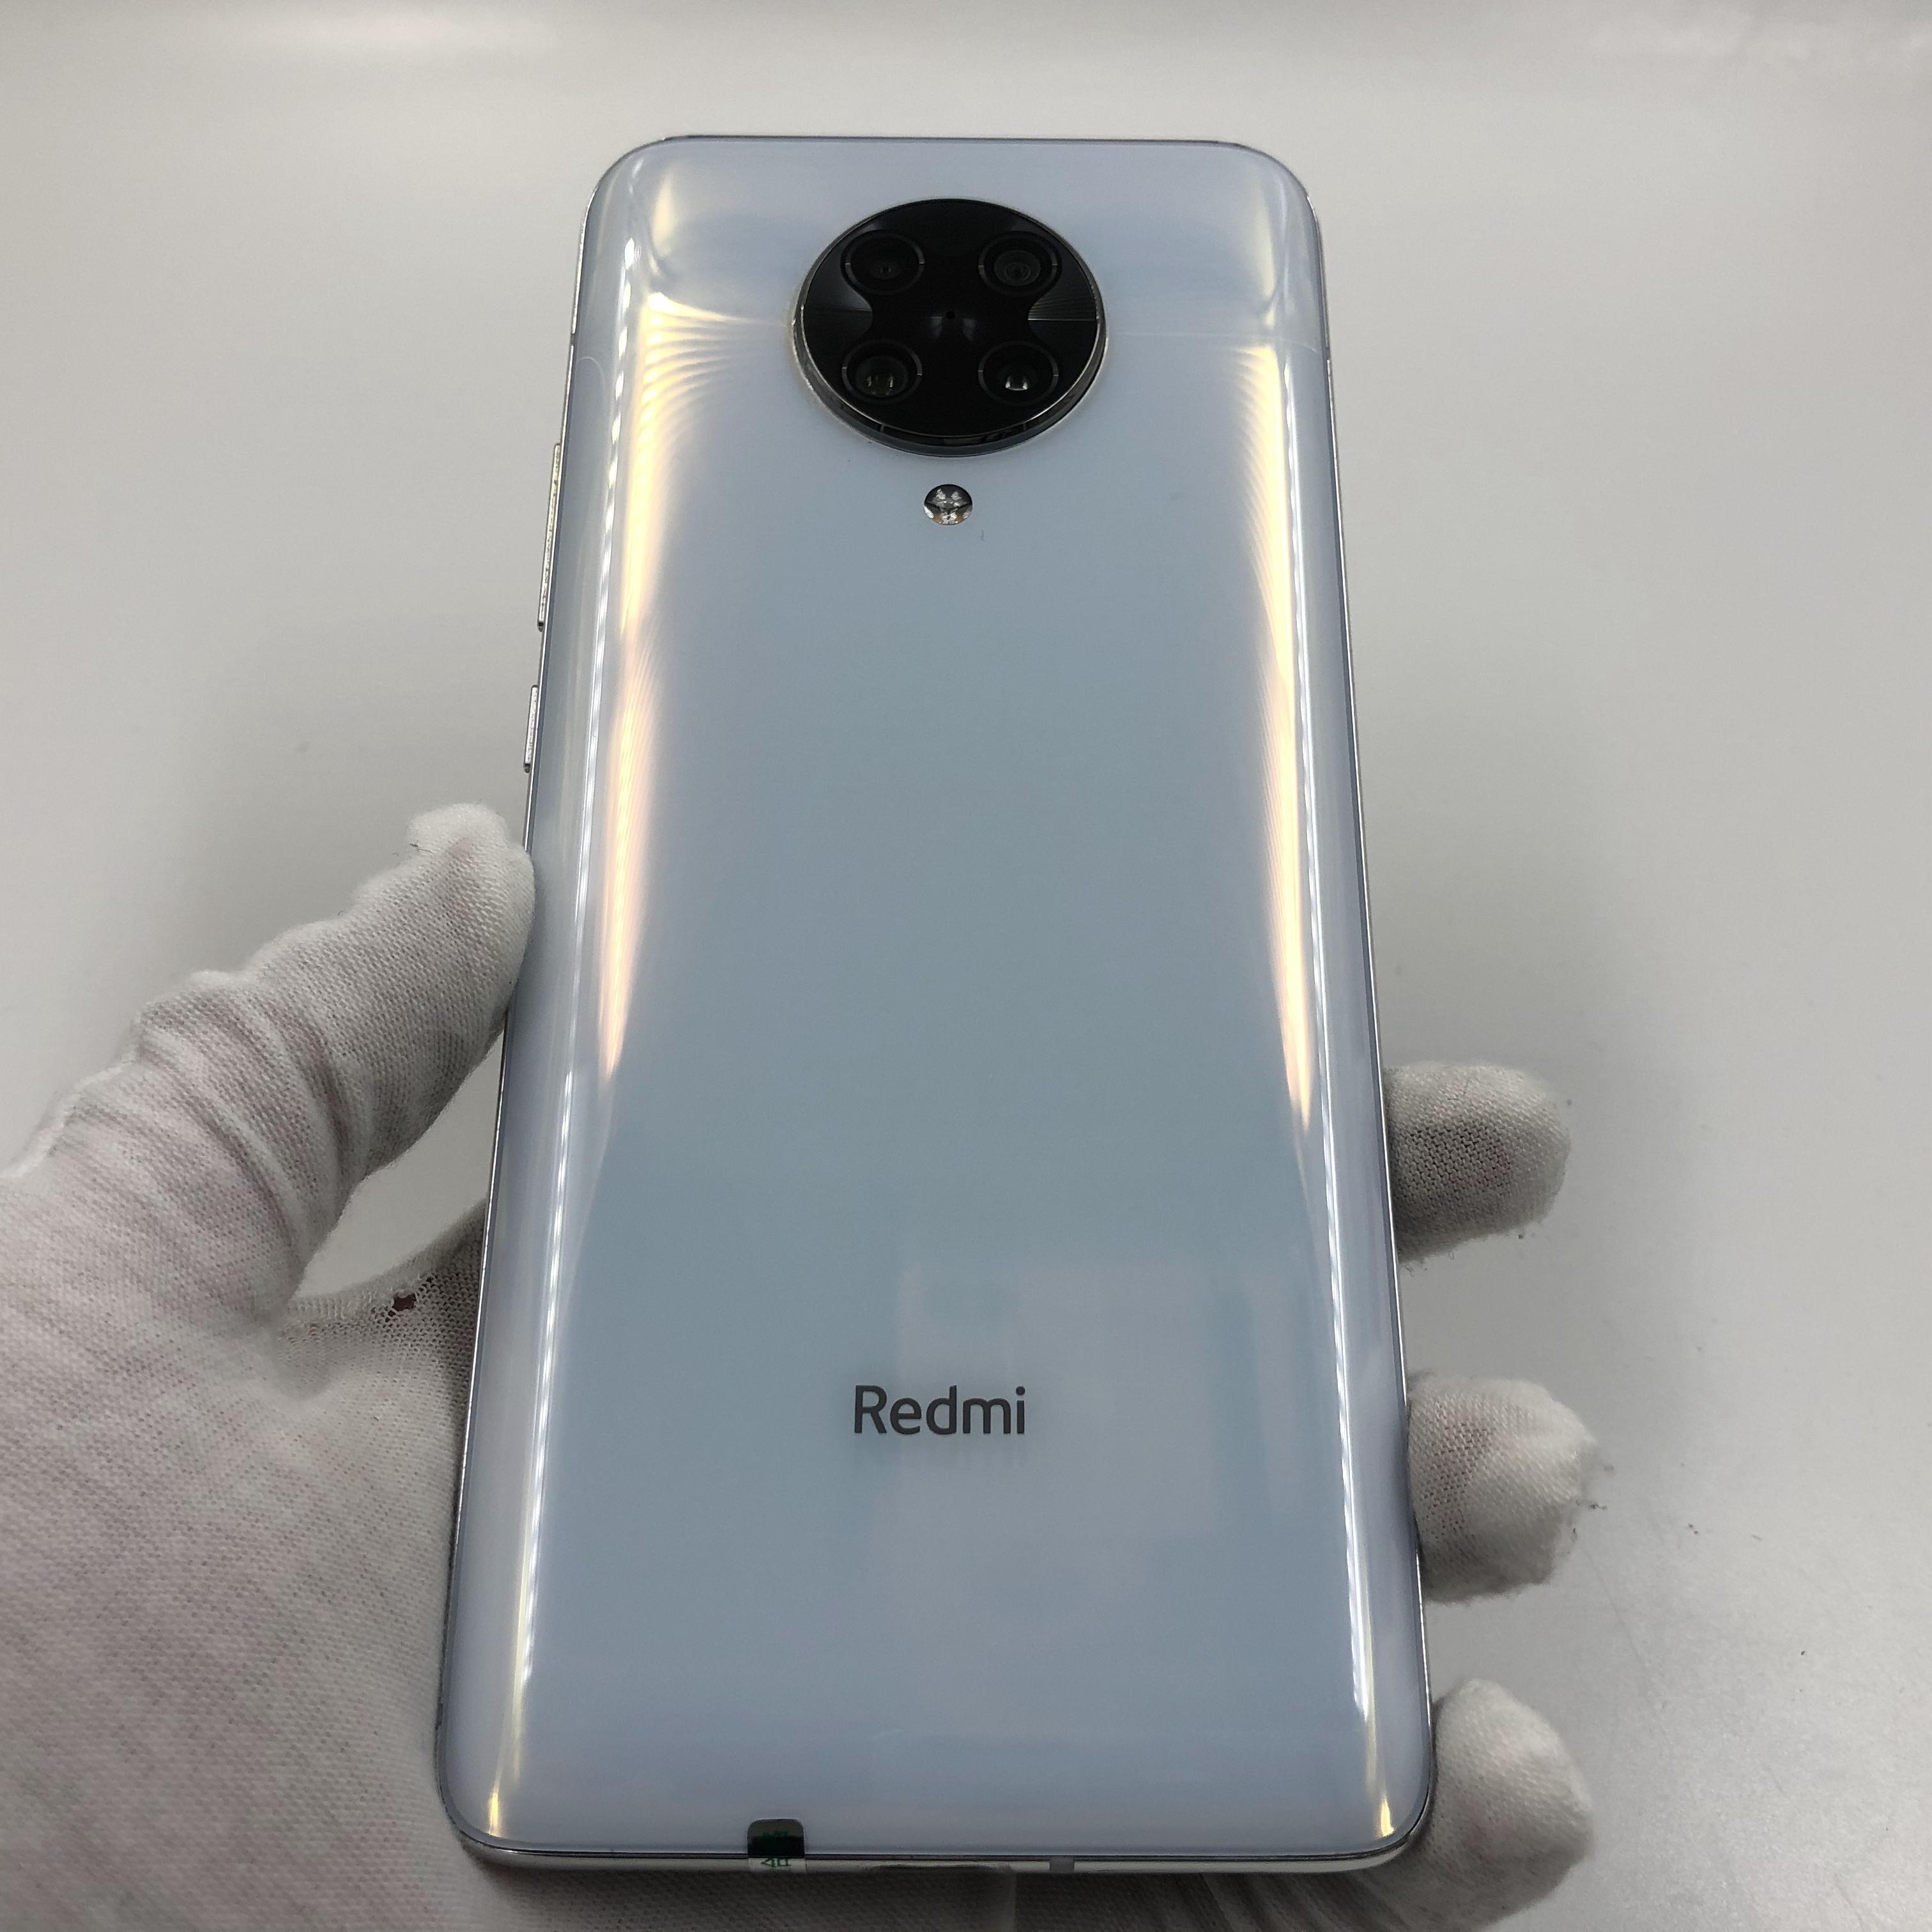 小米【Redmi K30 至尊 5G】5G全网通 月幕白 8G/512G 国行 8成新 真机实拍